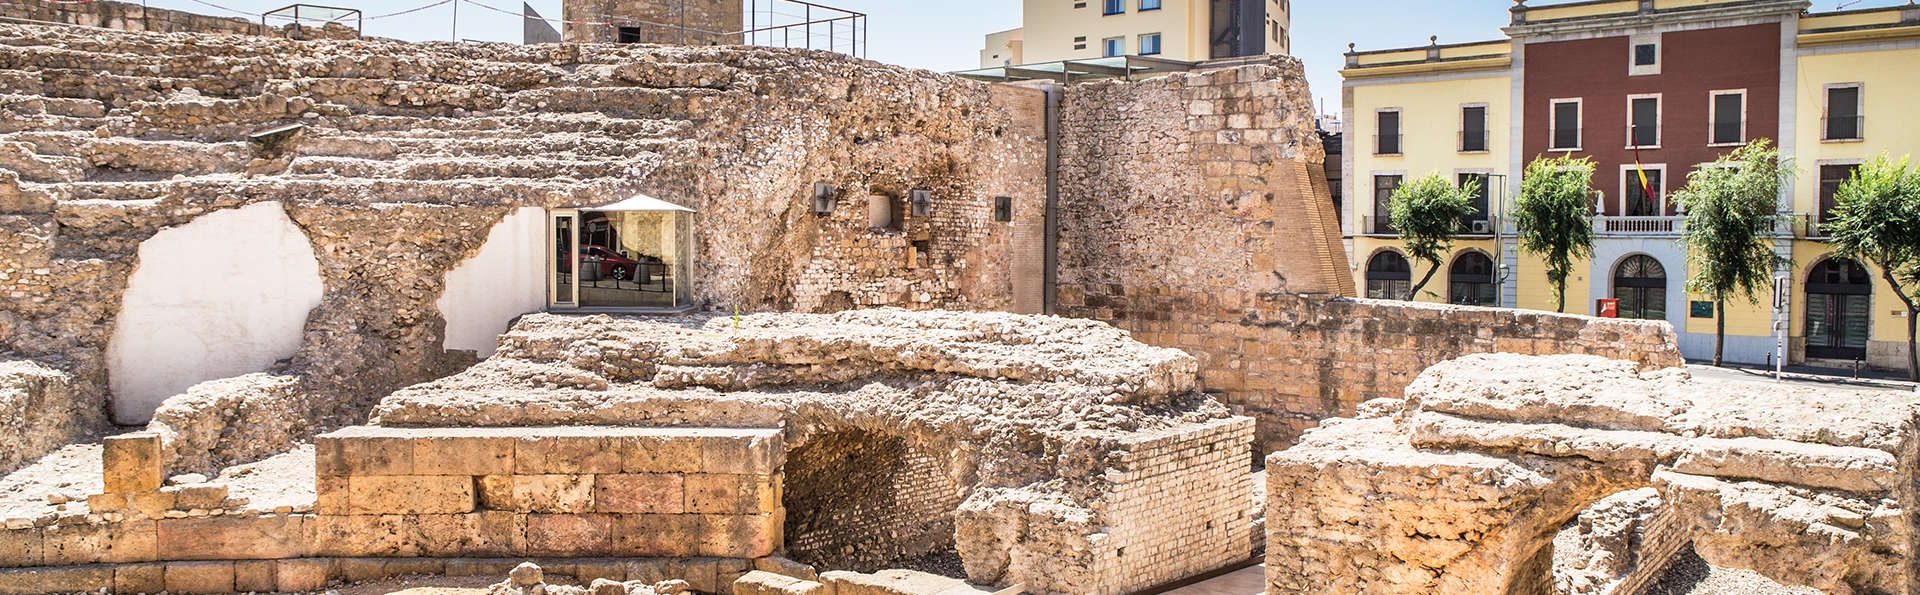 Séjour dans l'ancienne cité romaine de Tarraco en chambre deluxe